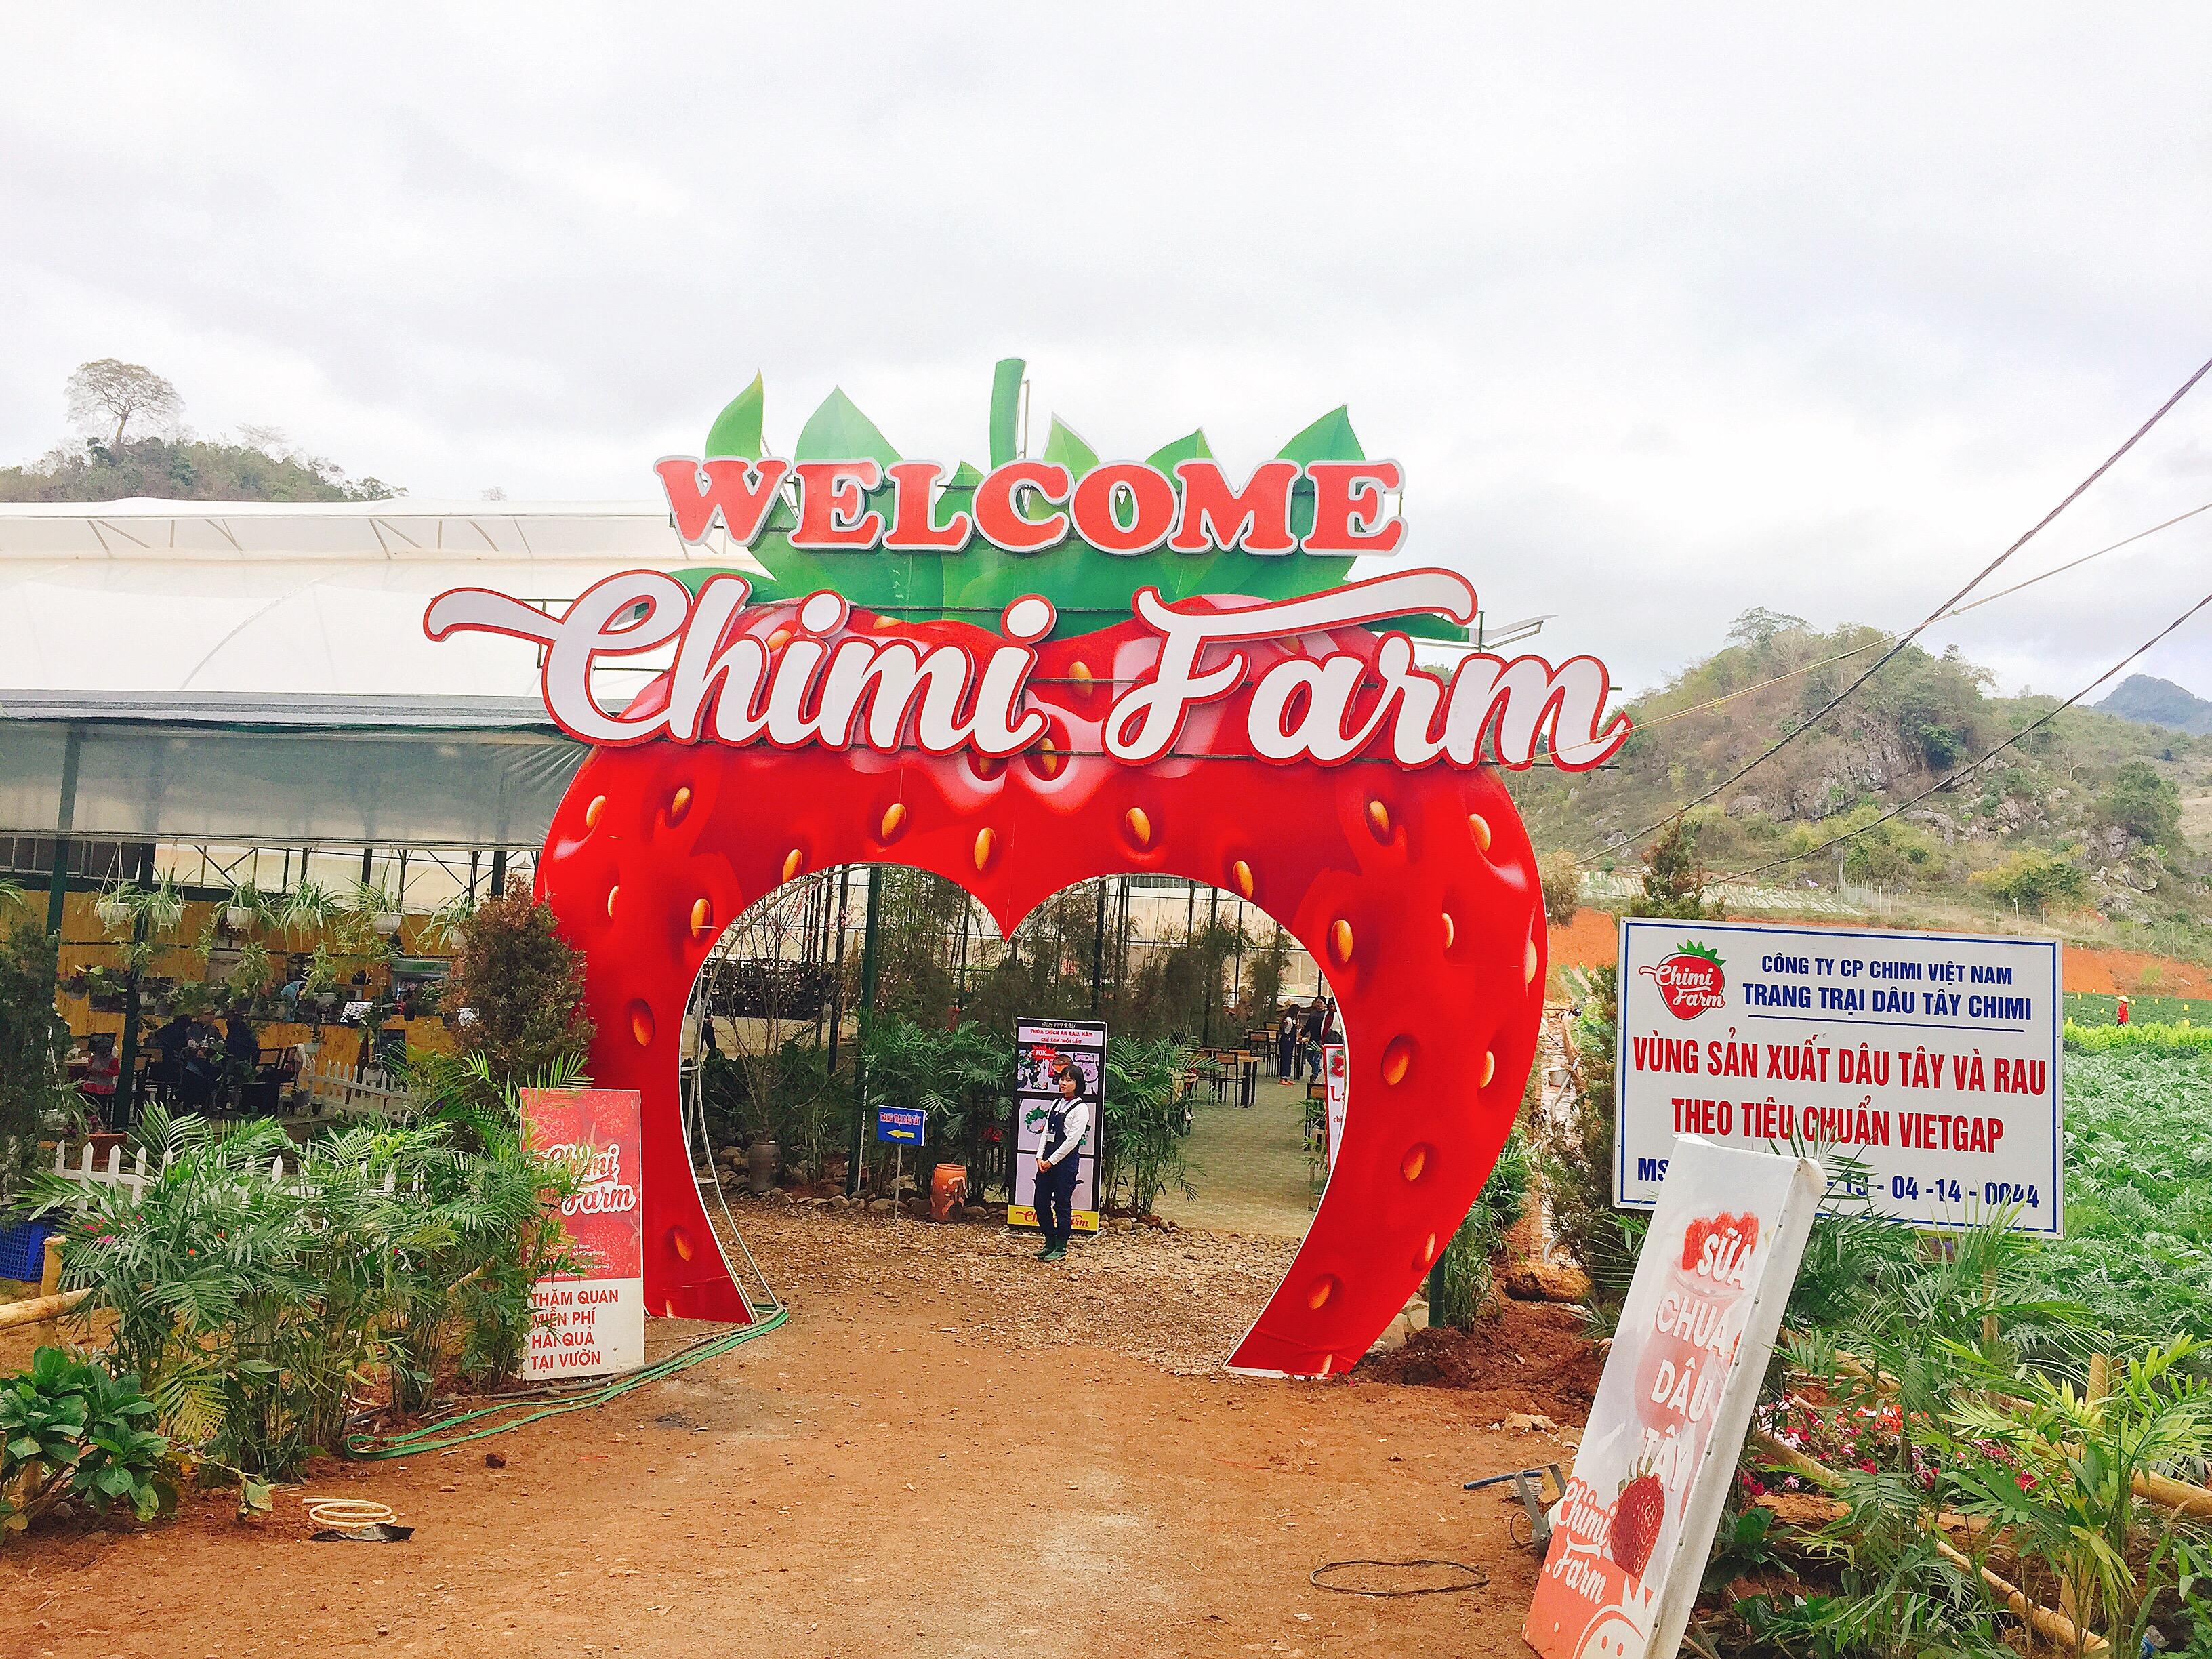 Trang trại dâu tây Chimi miễn phí vào tham quan và trải nghiệm